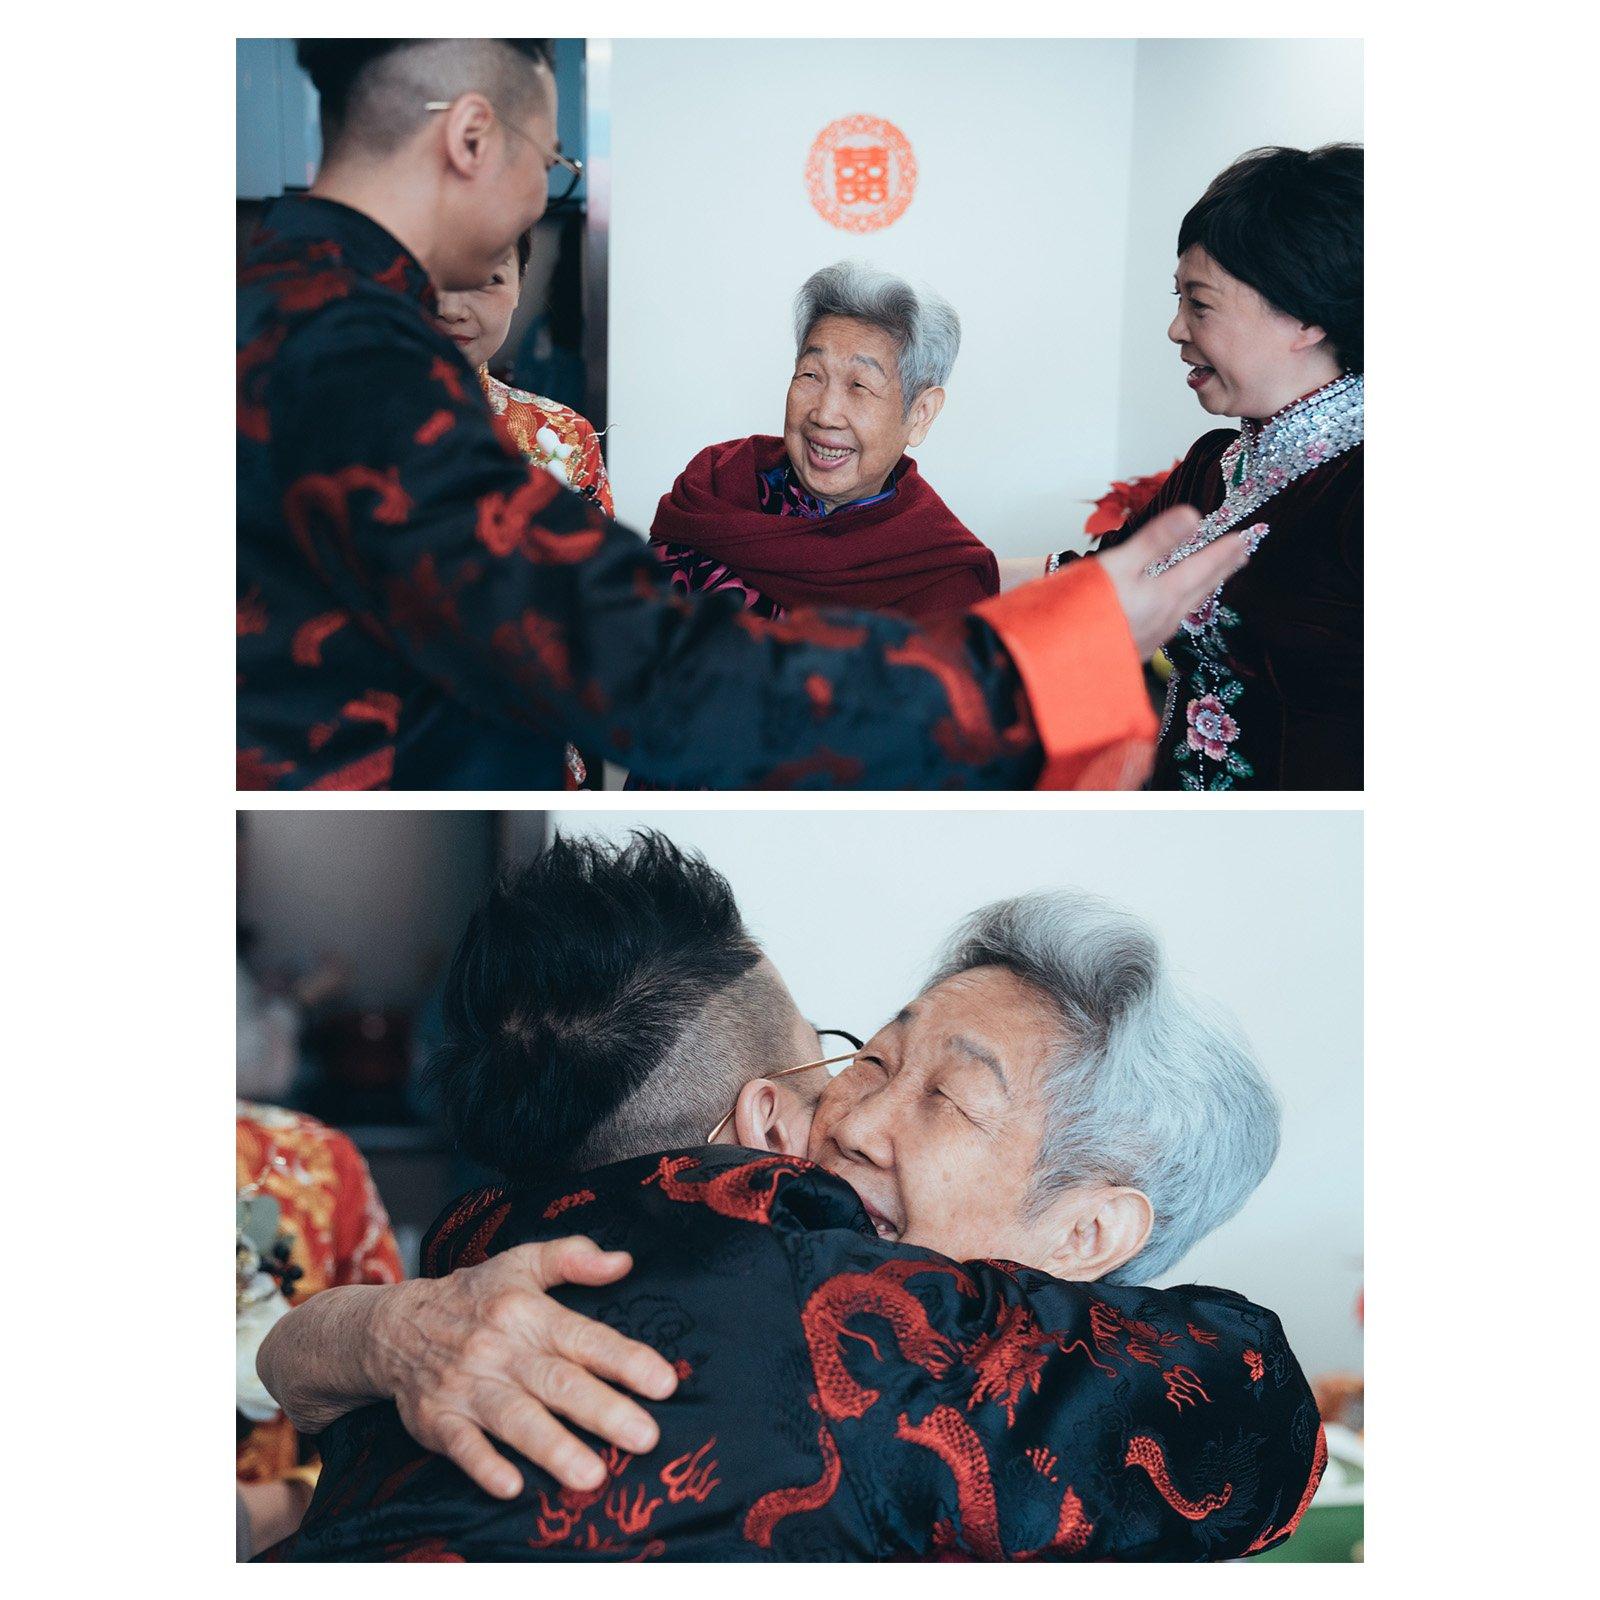 與小時候時常照顧著的婆婆相擁抱,這感覺很親切、很熟識